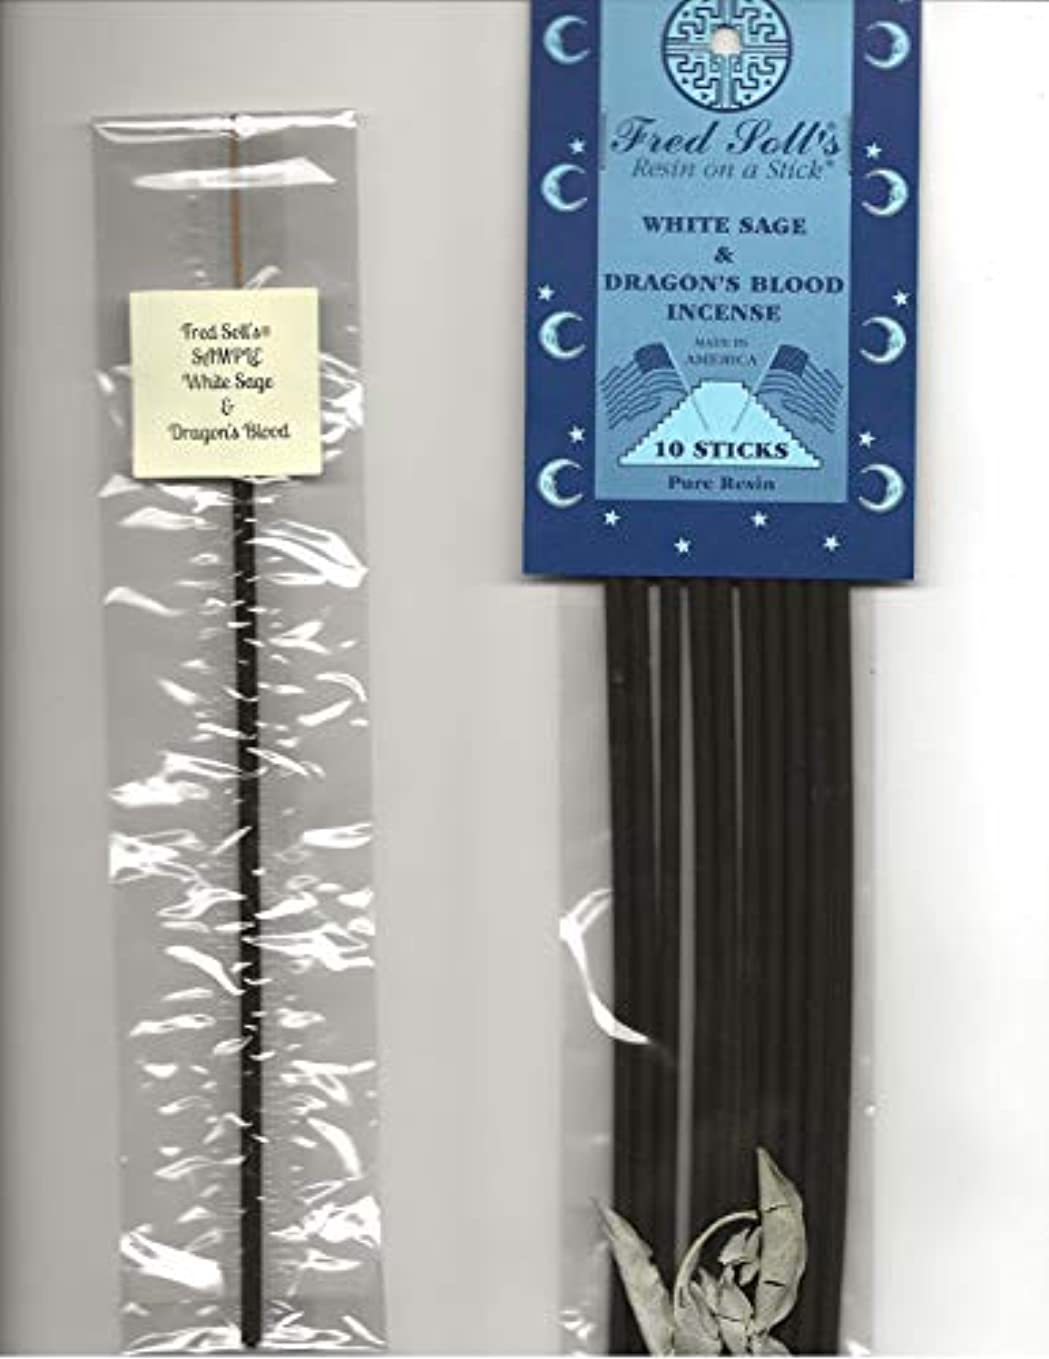 固執増強する首謀者FRED SOLL'S 樹脂製インクオンザスティックホワイトセージ&ドラゴンブラッドインセンス 1 STICK